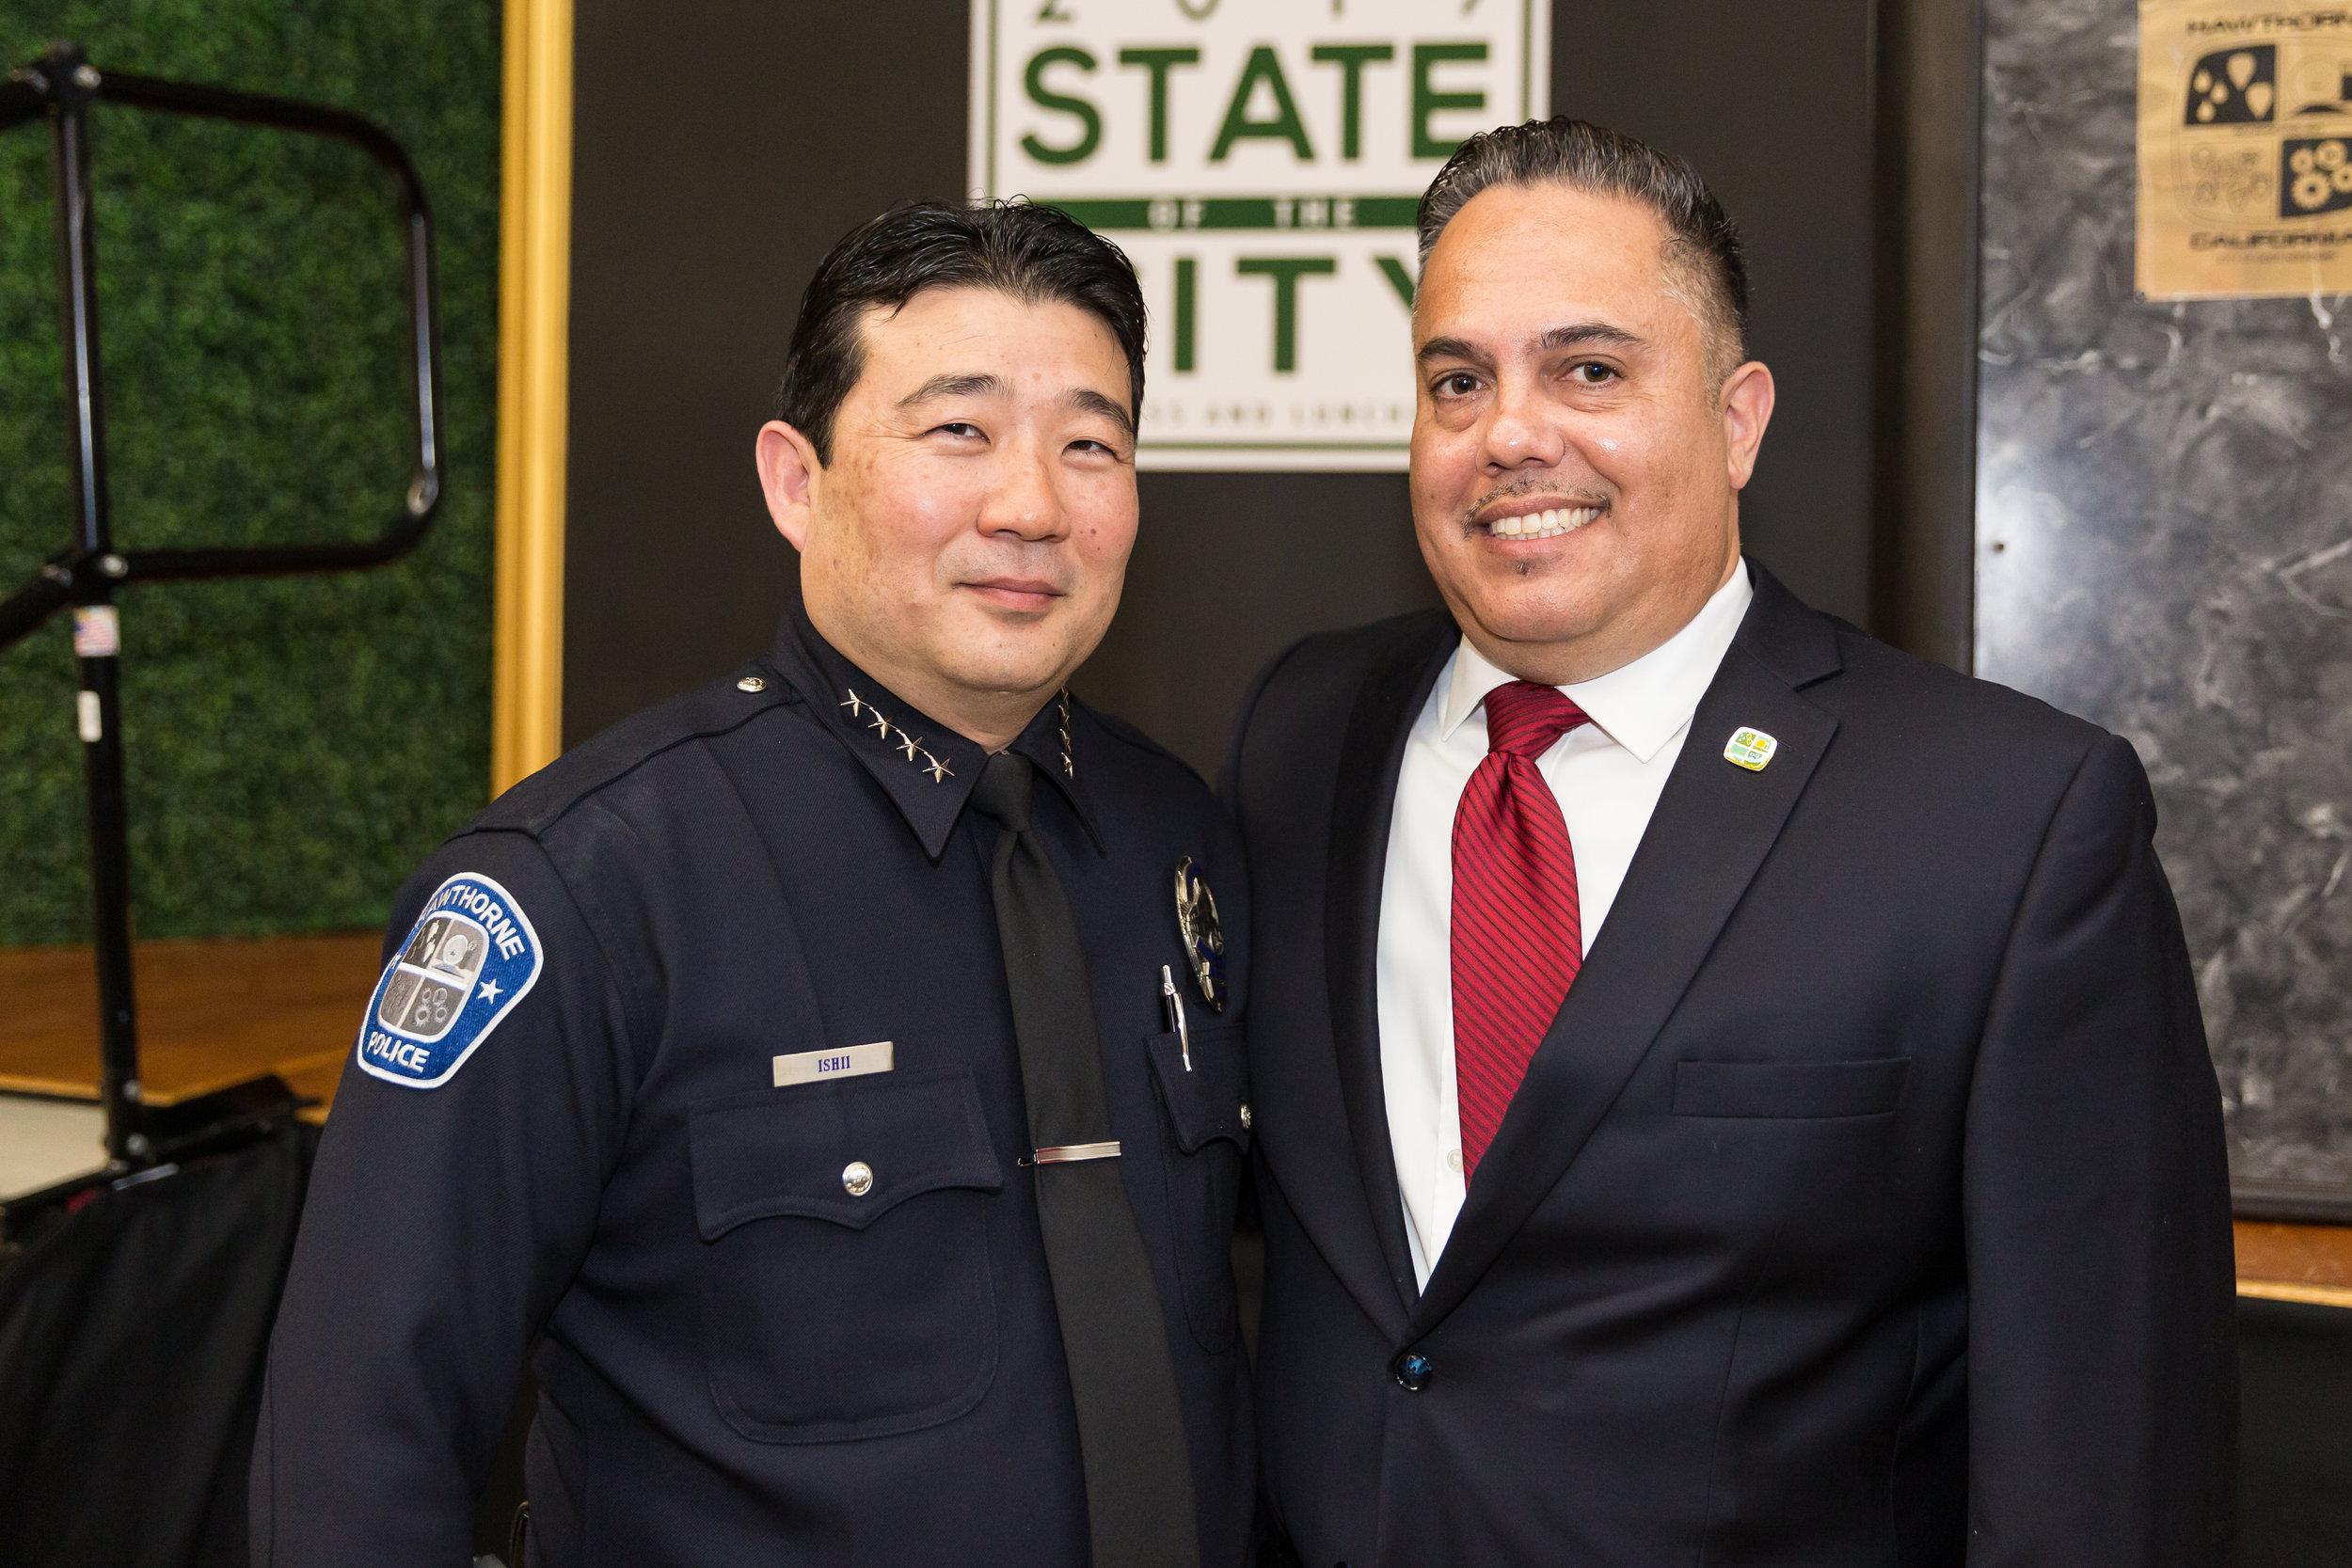 Mayor Vargas with Police Chief Ishii